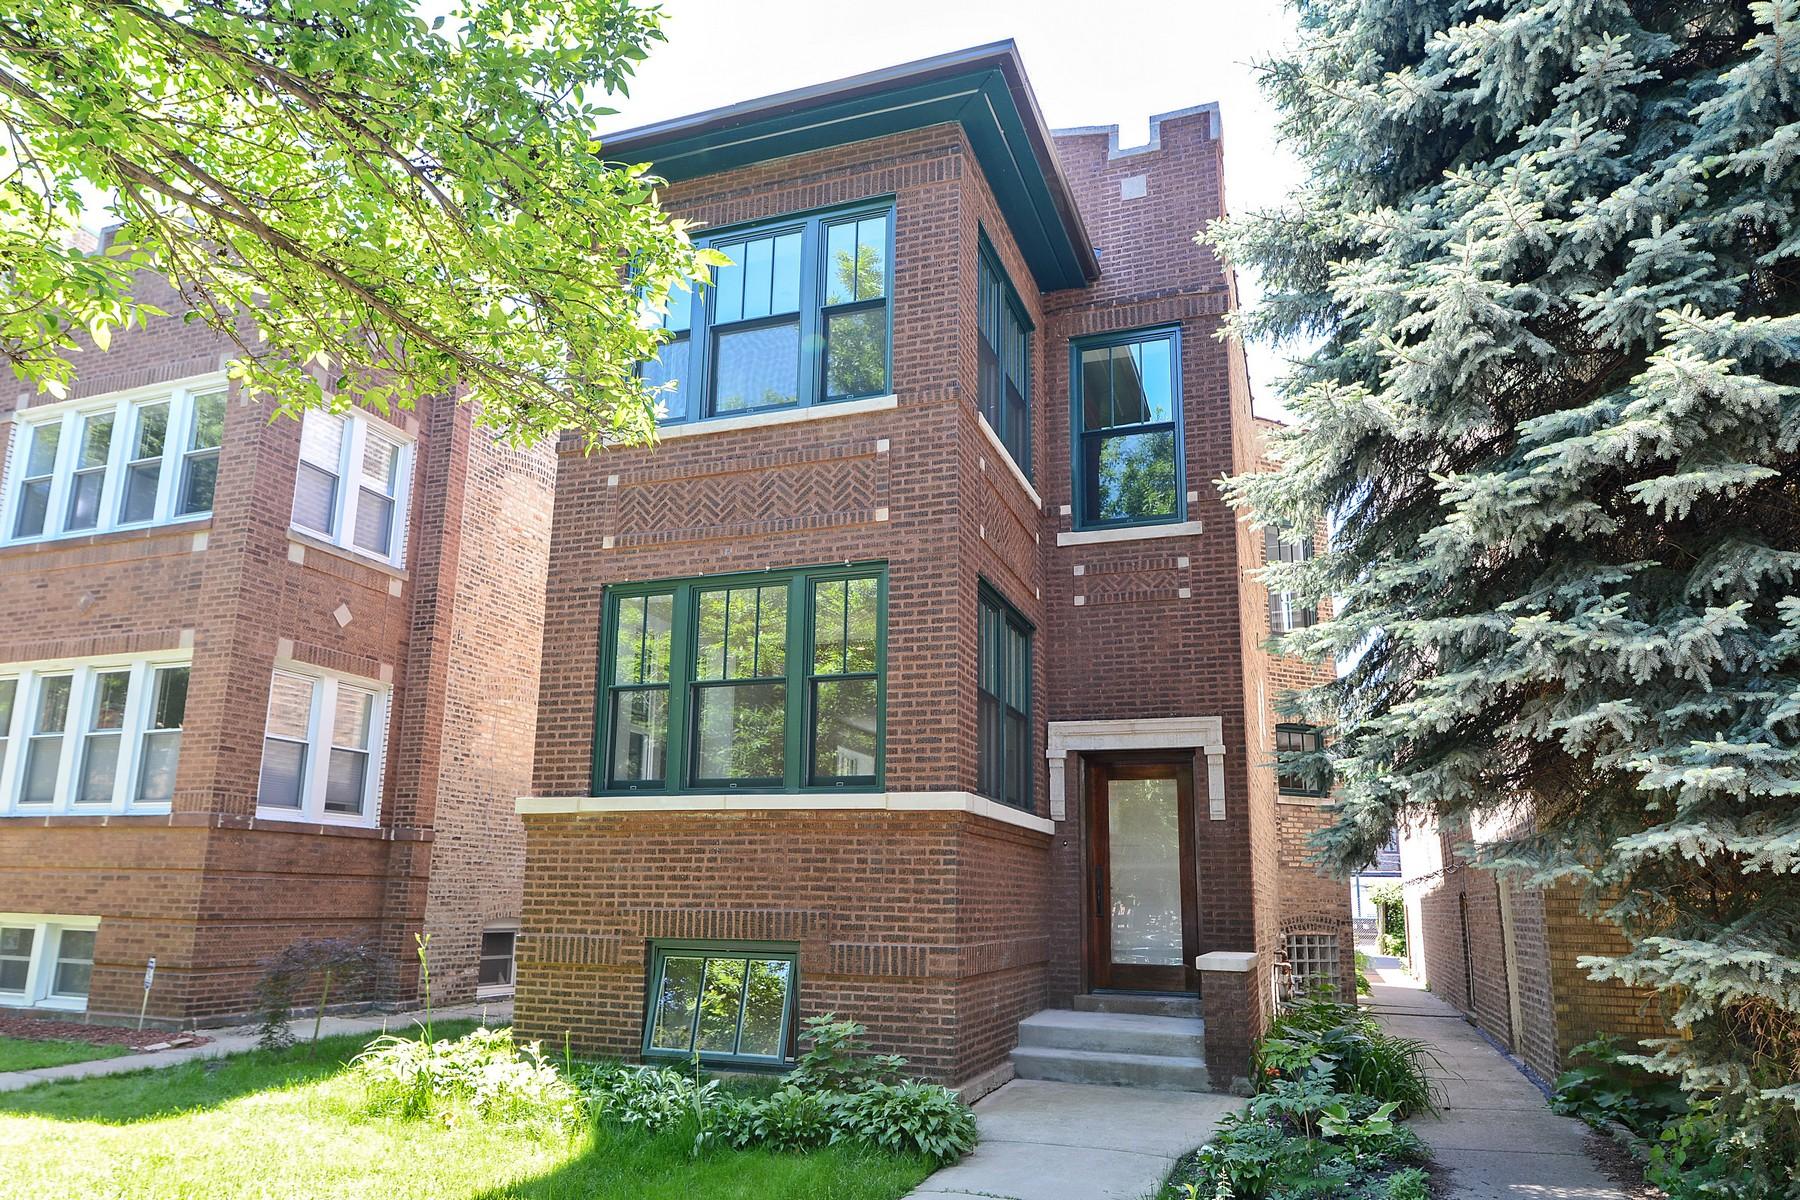 Einfamilienhaus für Verkauf beim Premier Custom Home 2635 W Leland Avenue Chicago, Illinois, 60625 Vereinigte Staaten